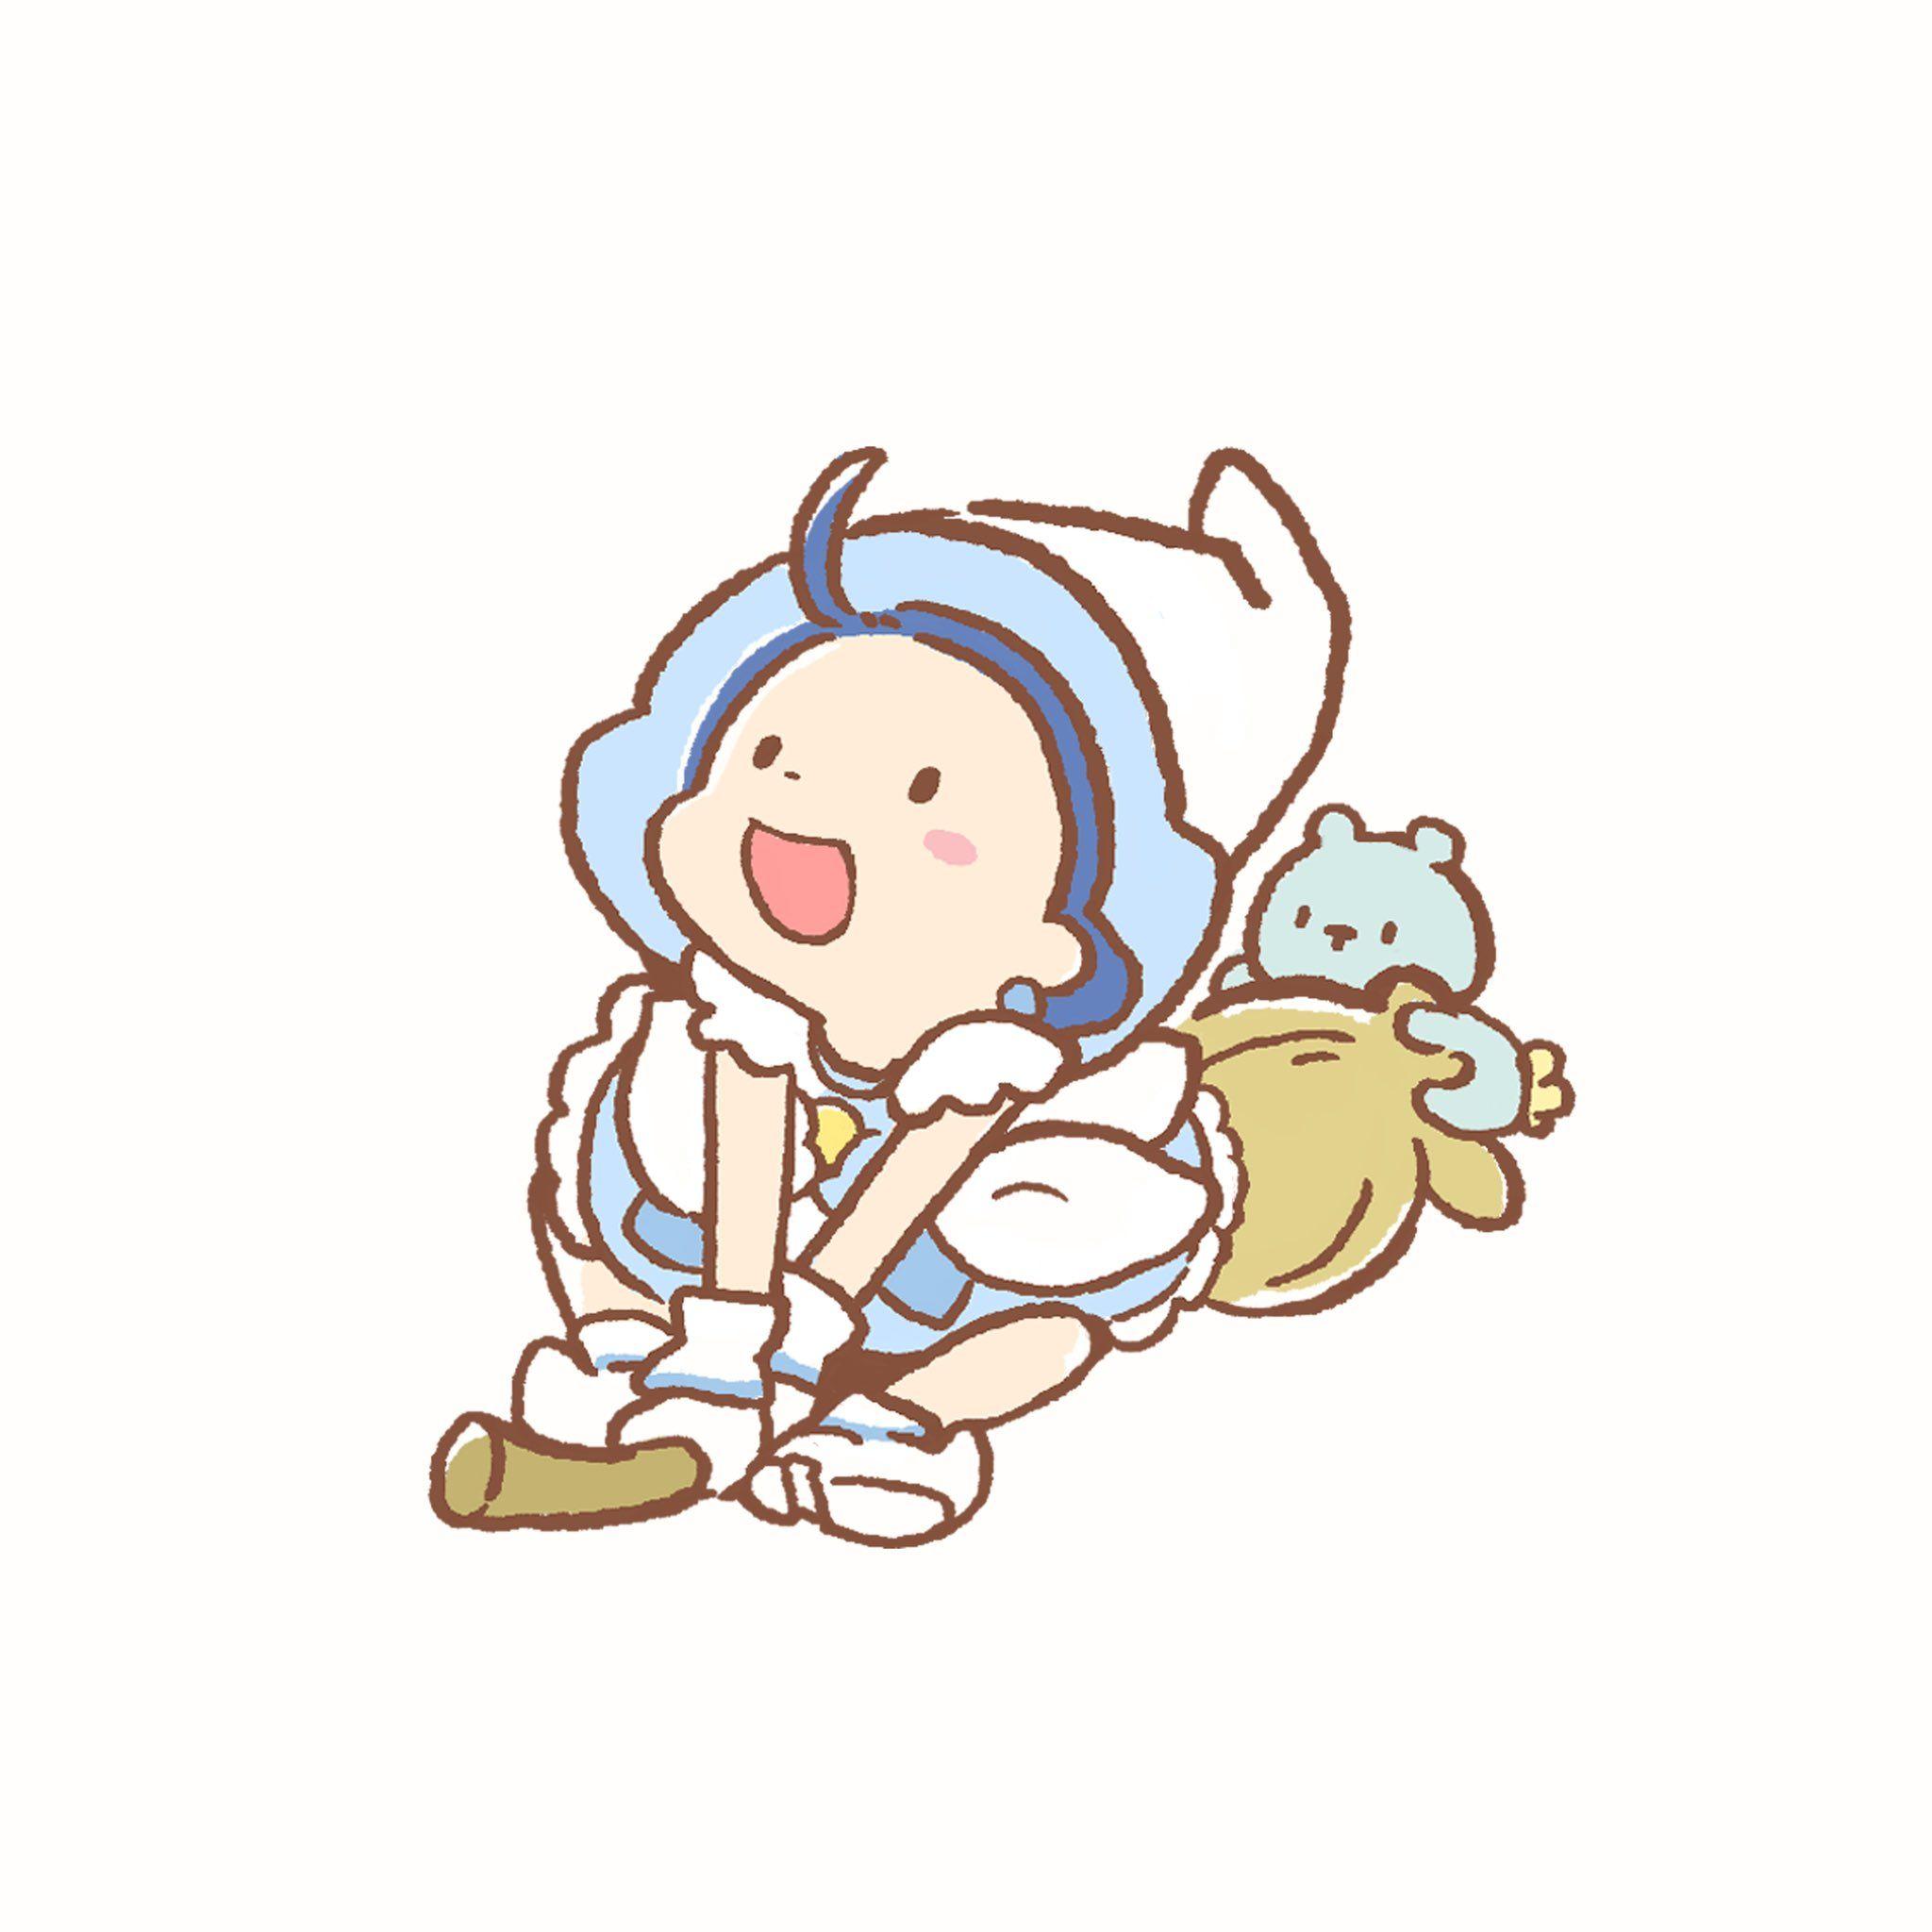 小玉米花 on Twitter | Characters inspiration drawing. Ojamajo doremi. Magical dorémi